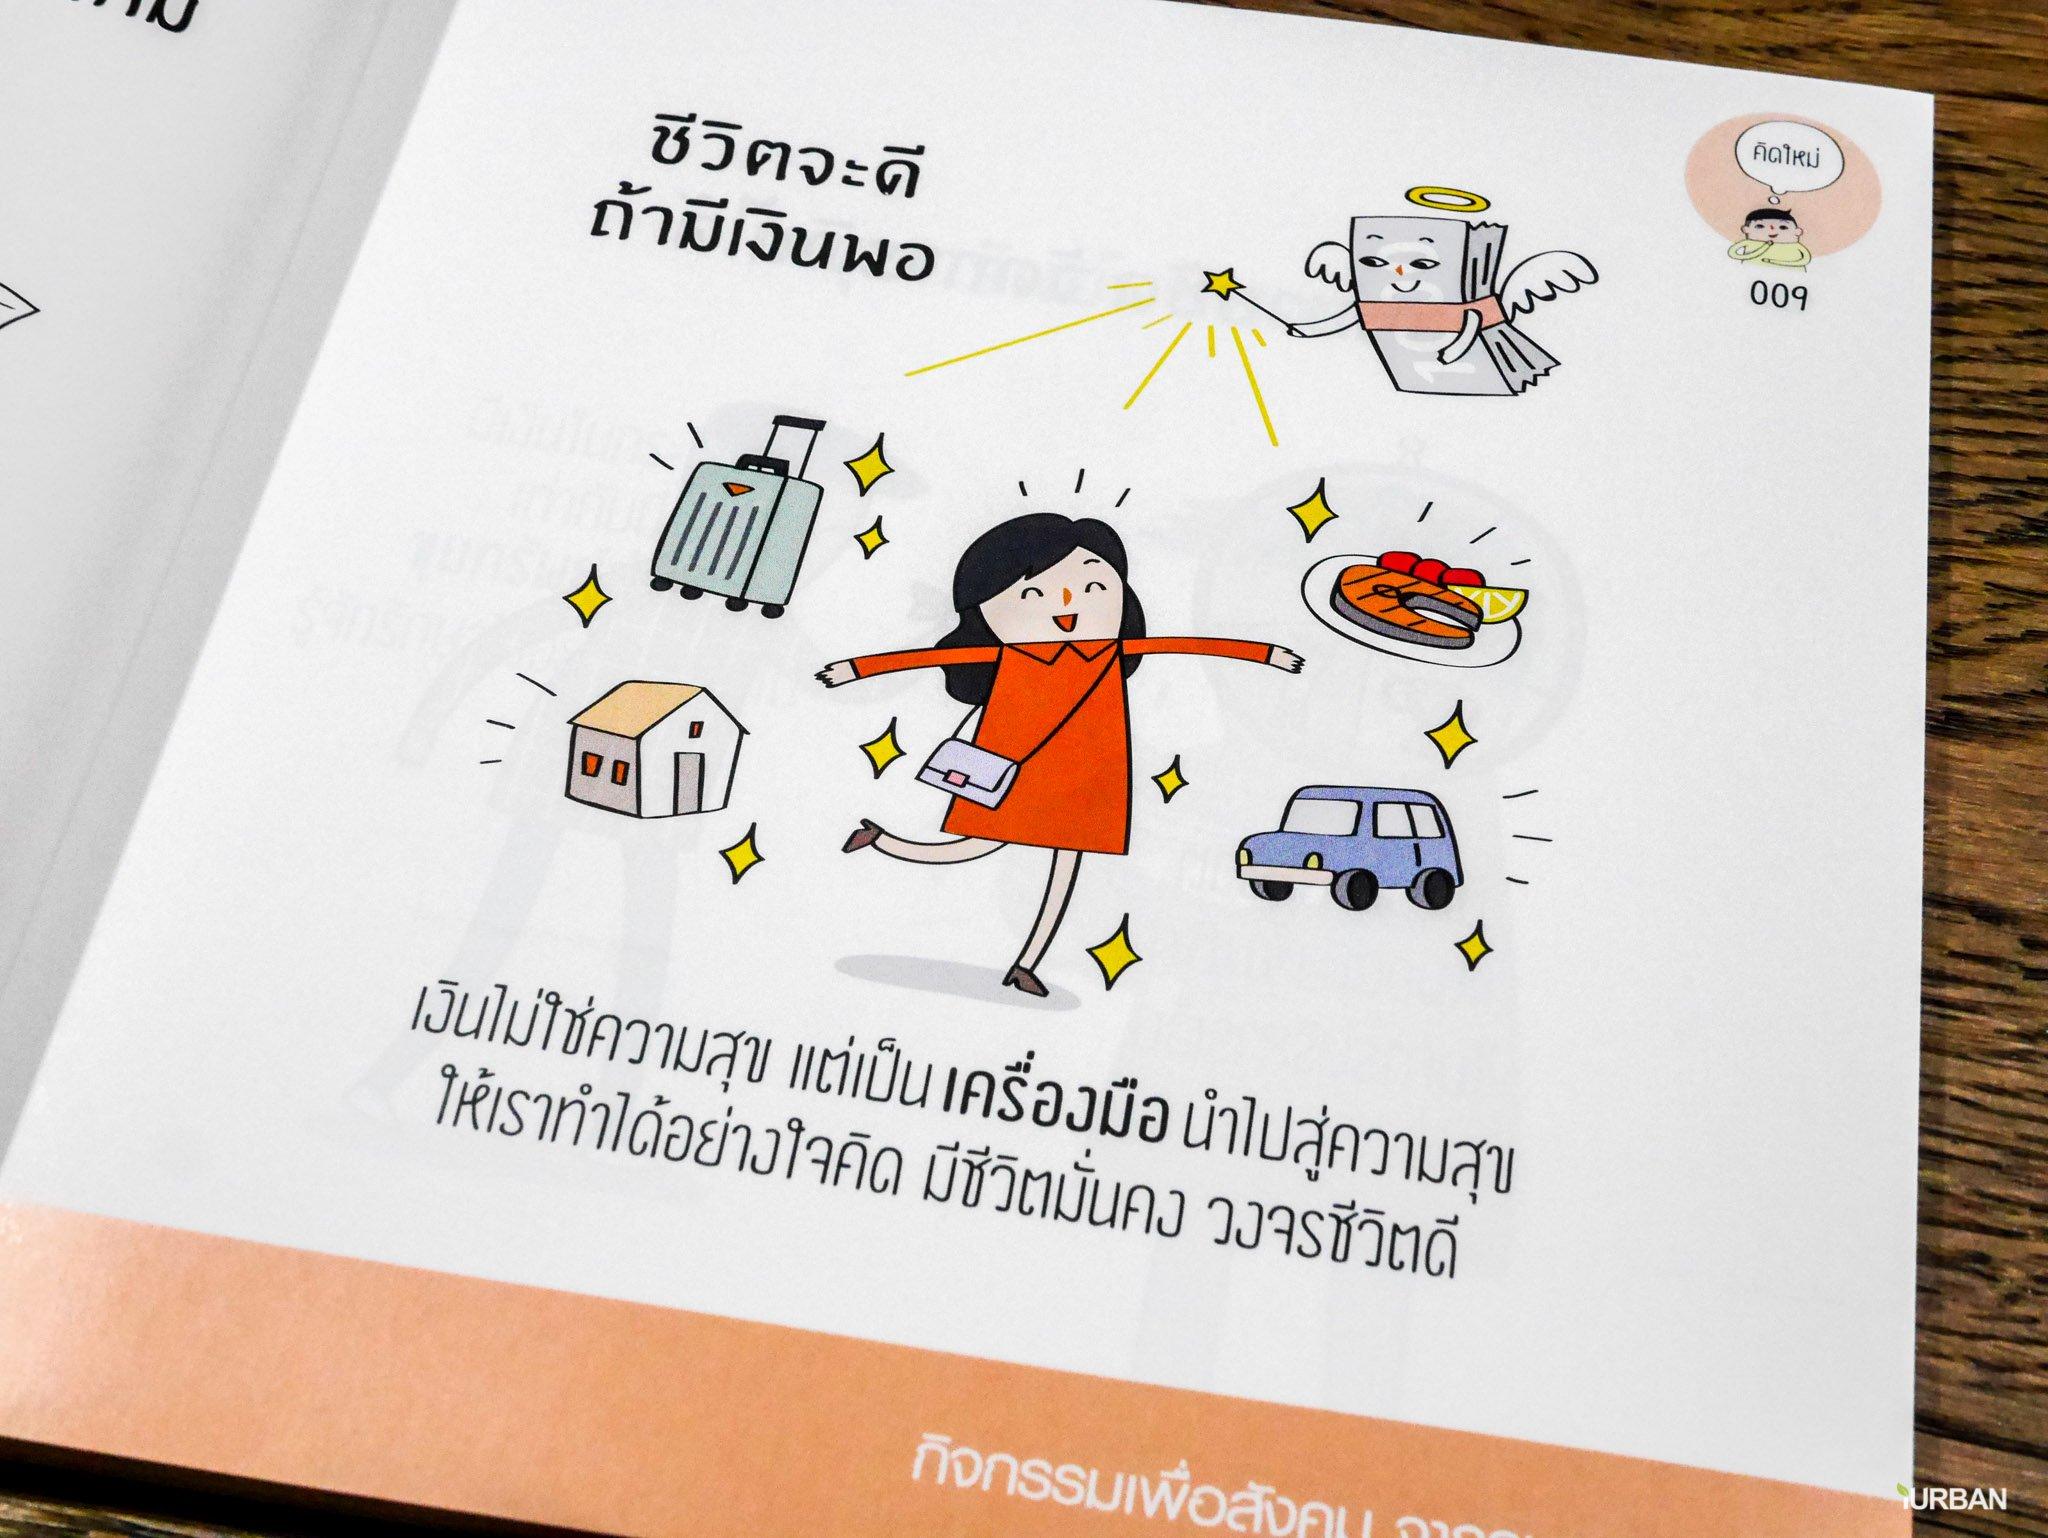 ธนชาต ReThink แนะคนฉุกคิดก่อนใช้เงิน และแจก E-Book ฟรี 32 - finance